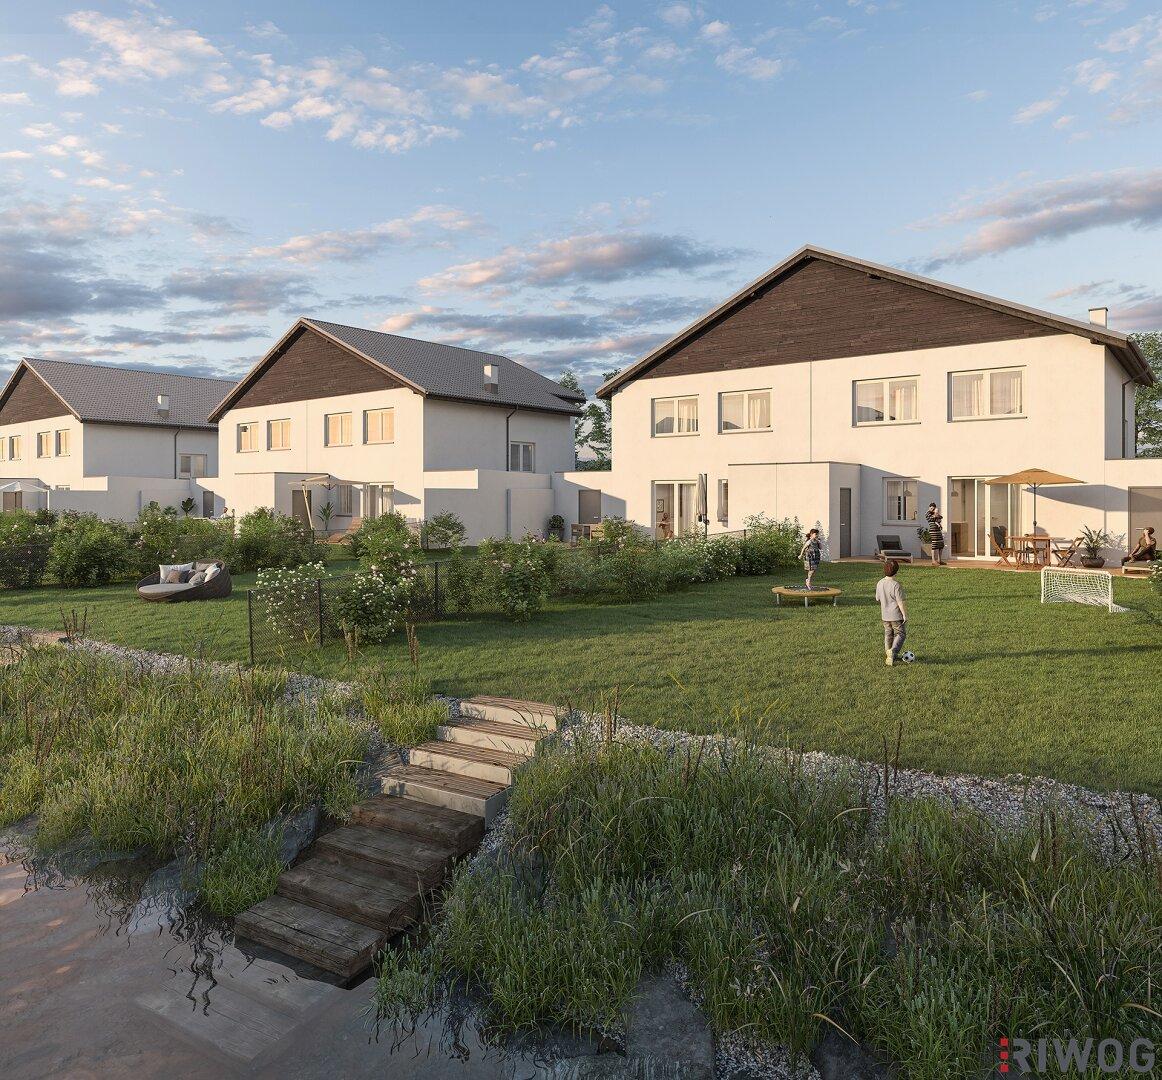 WOHNEN AM SPIEGELWASSER - Moderne Doppelhaushälften mit eigenem Badeteich (Projektansicht)